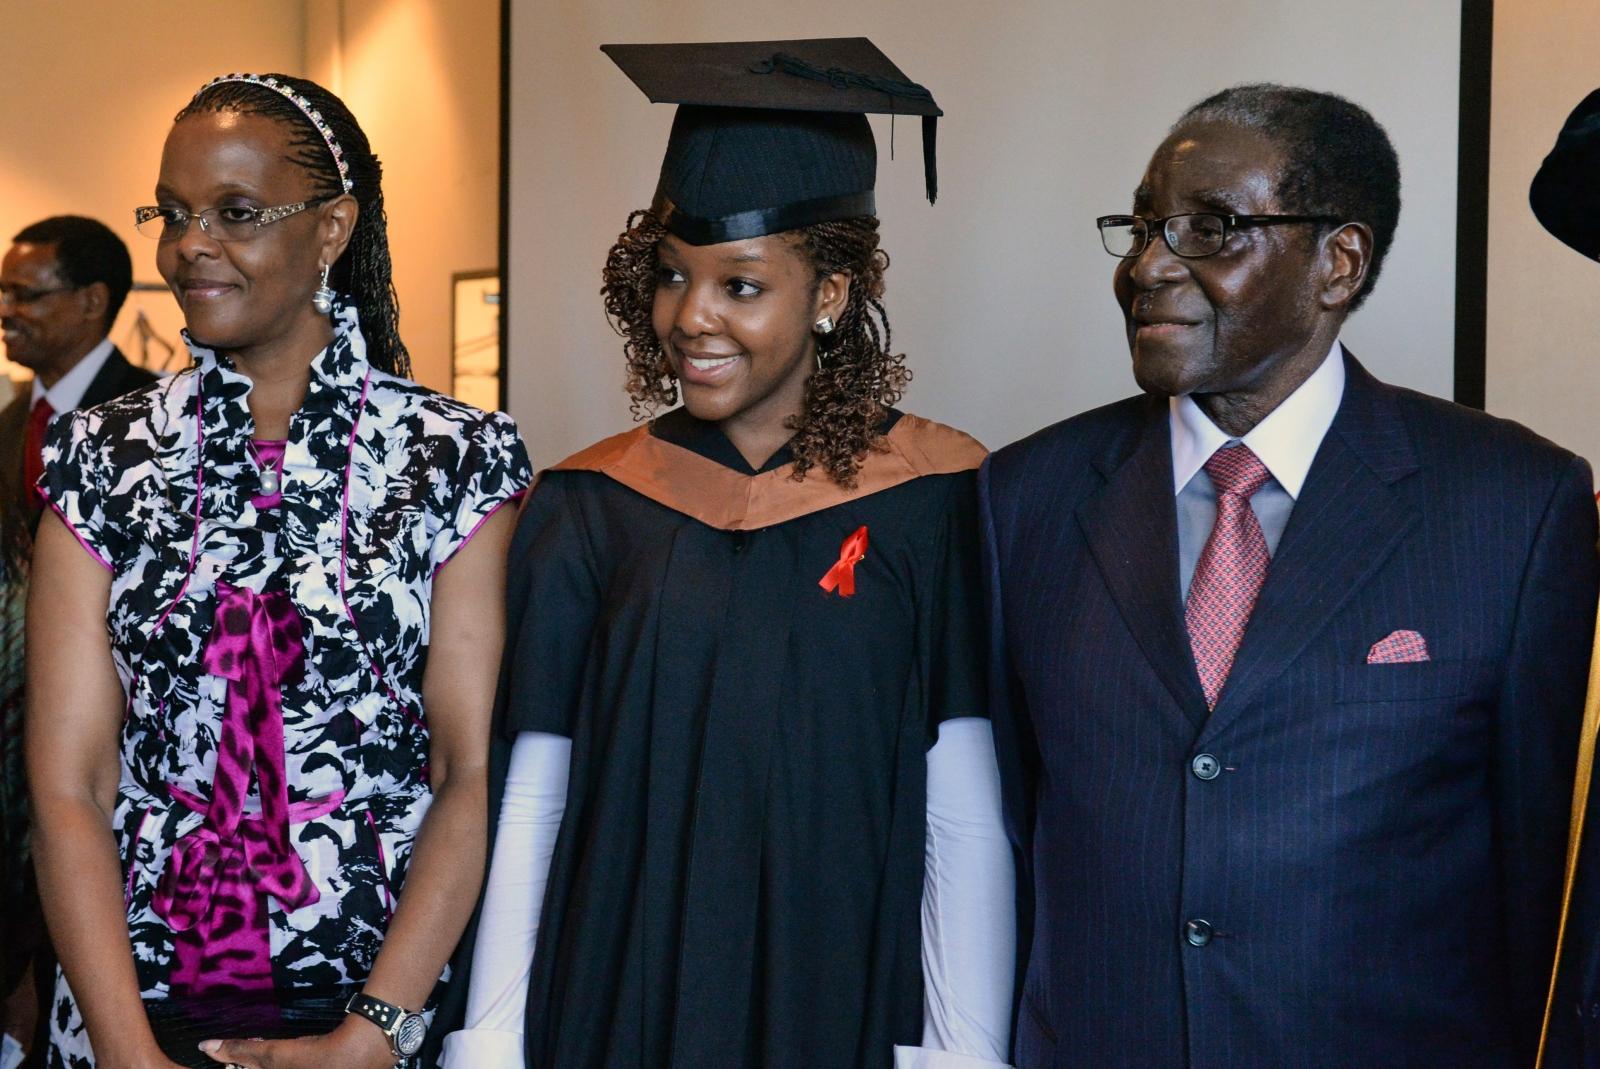 津巴布韋總統穆加貝夫婦和女兒 Bona。圖片來源:路透社